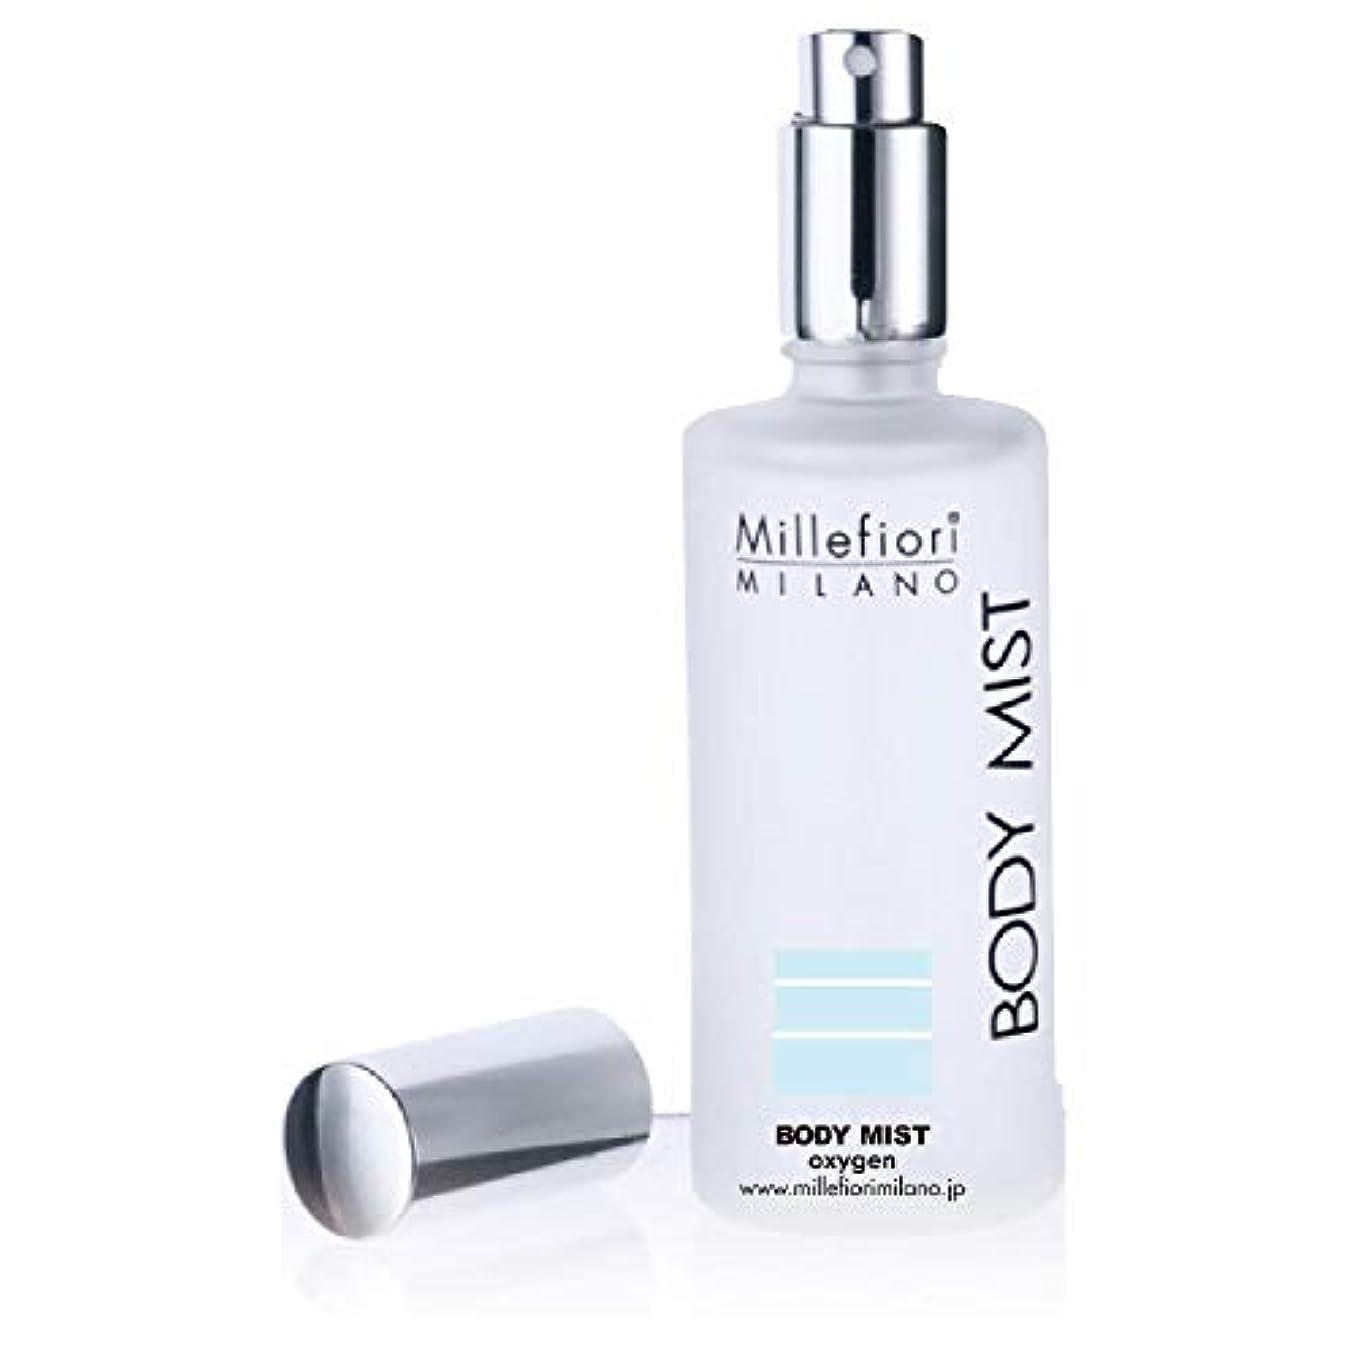 資格情報癒す気性Millefiori ボディミスト 100ml [ZONA] オキシゲン BM-10-308